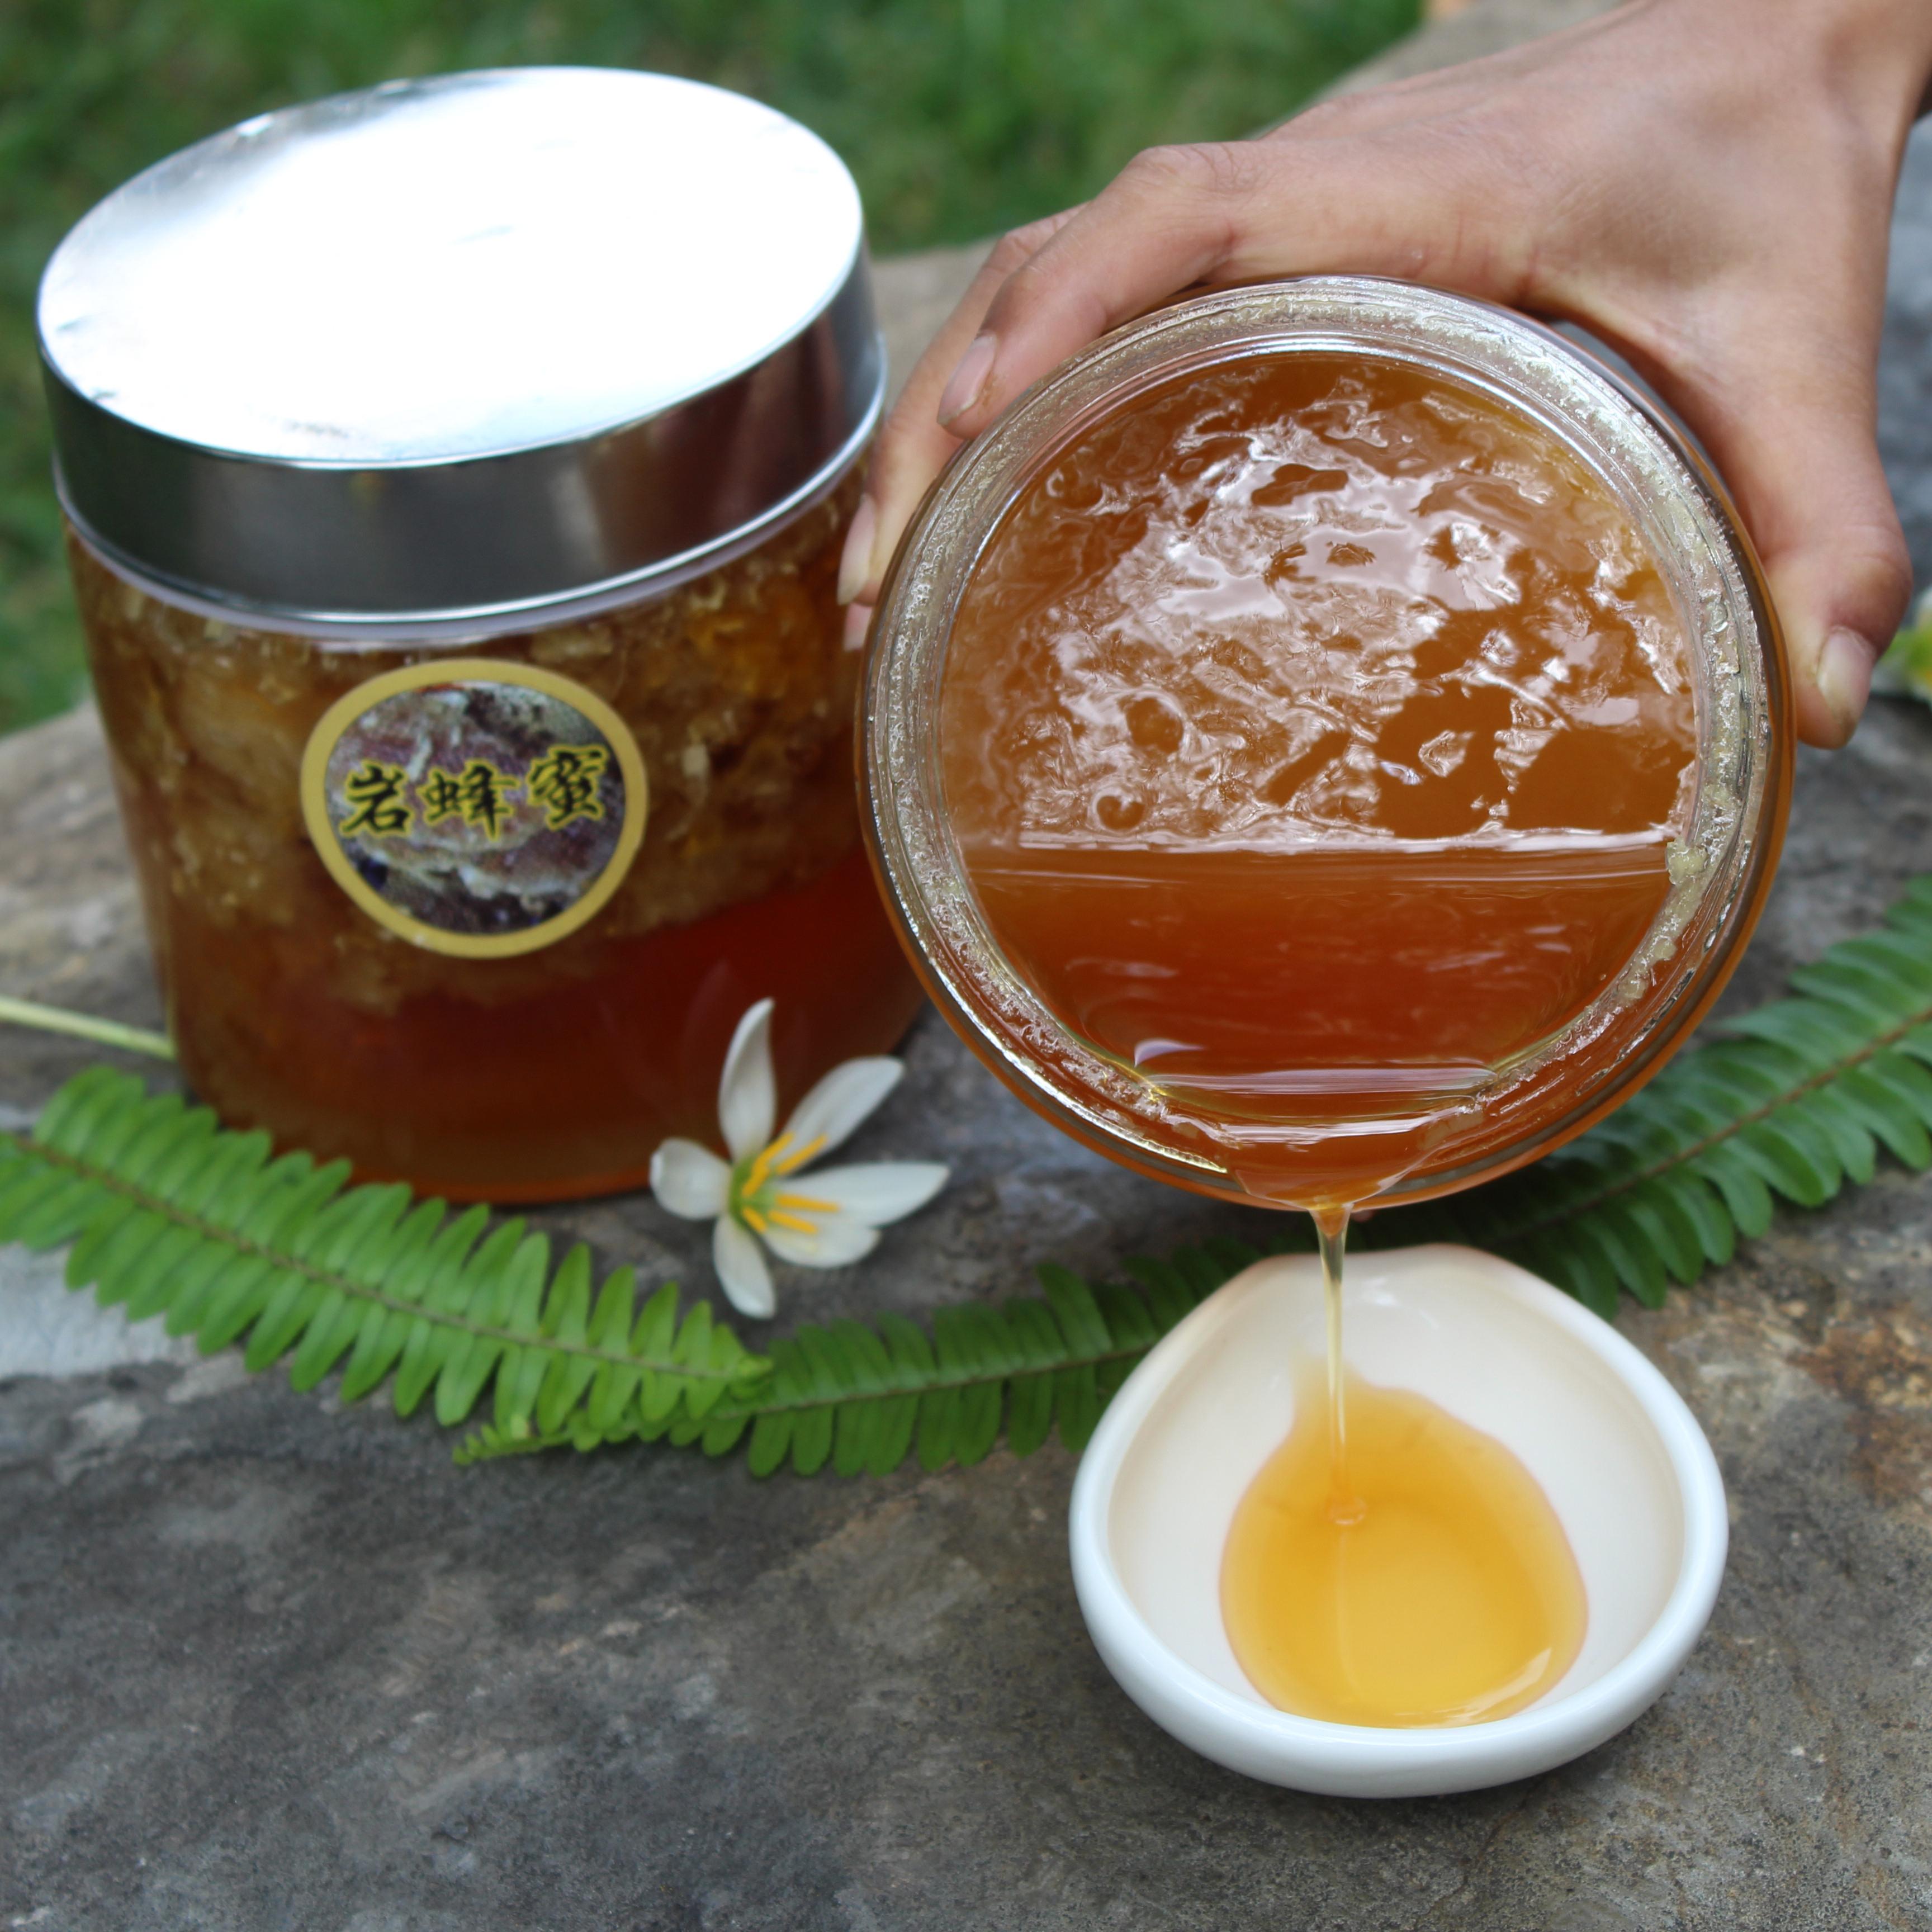 野生蜂蜜(岩蜂蜜)